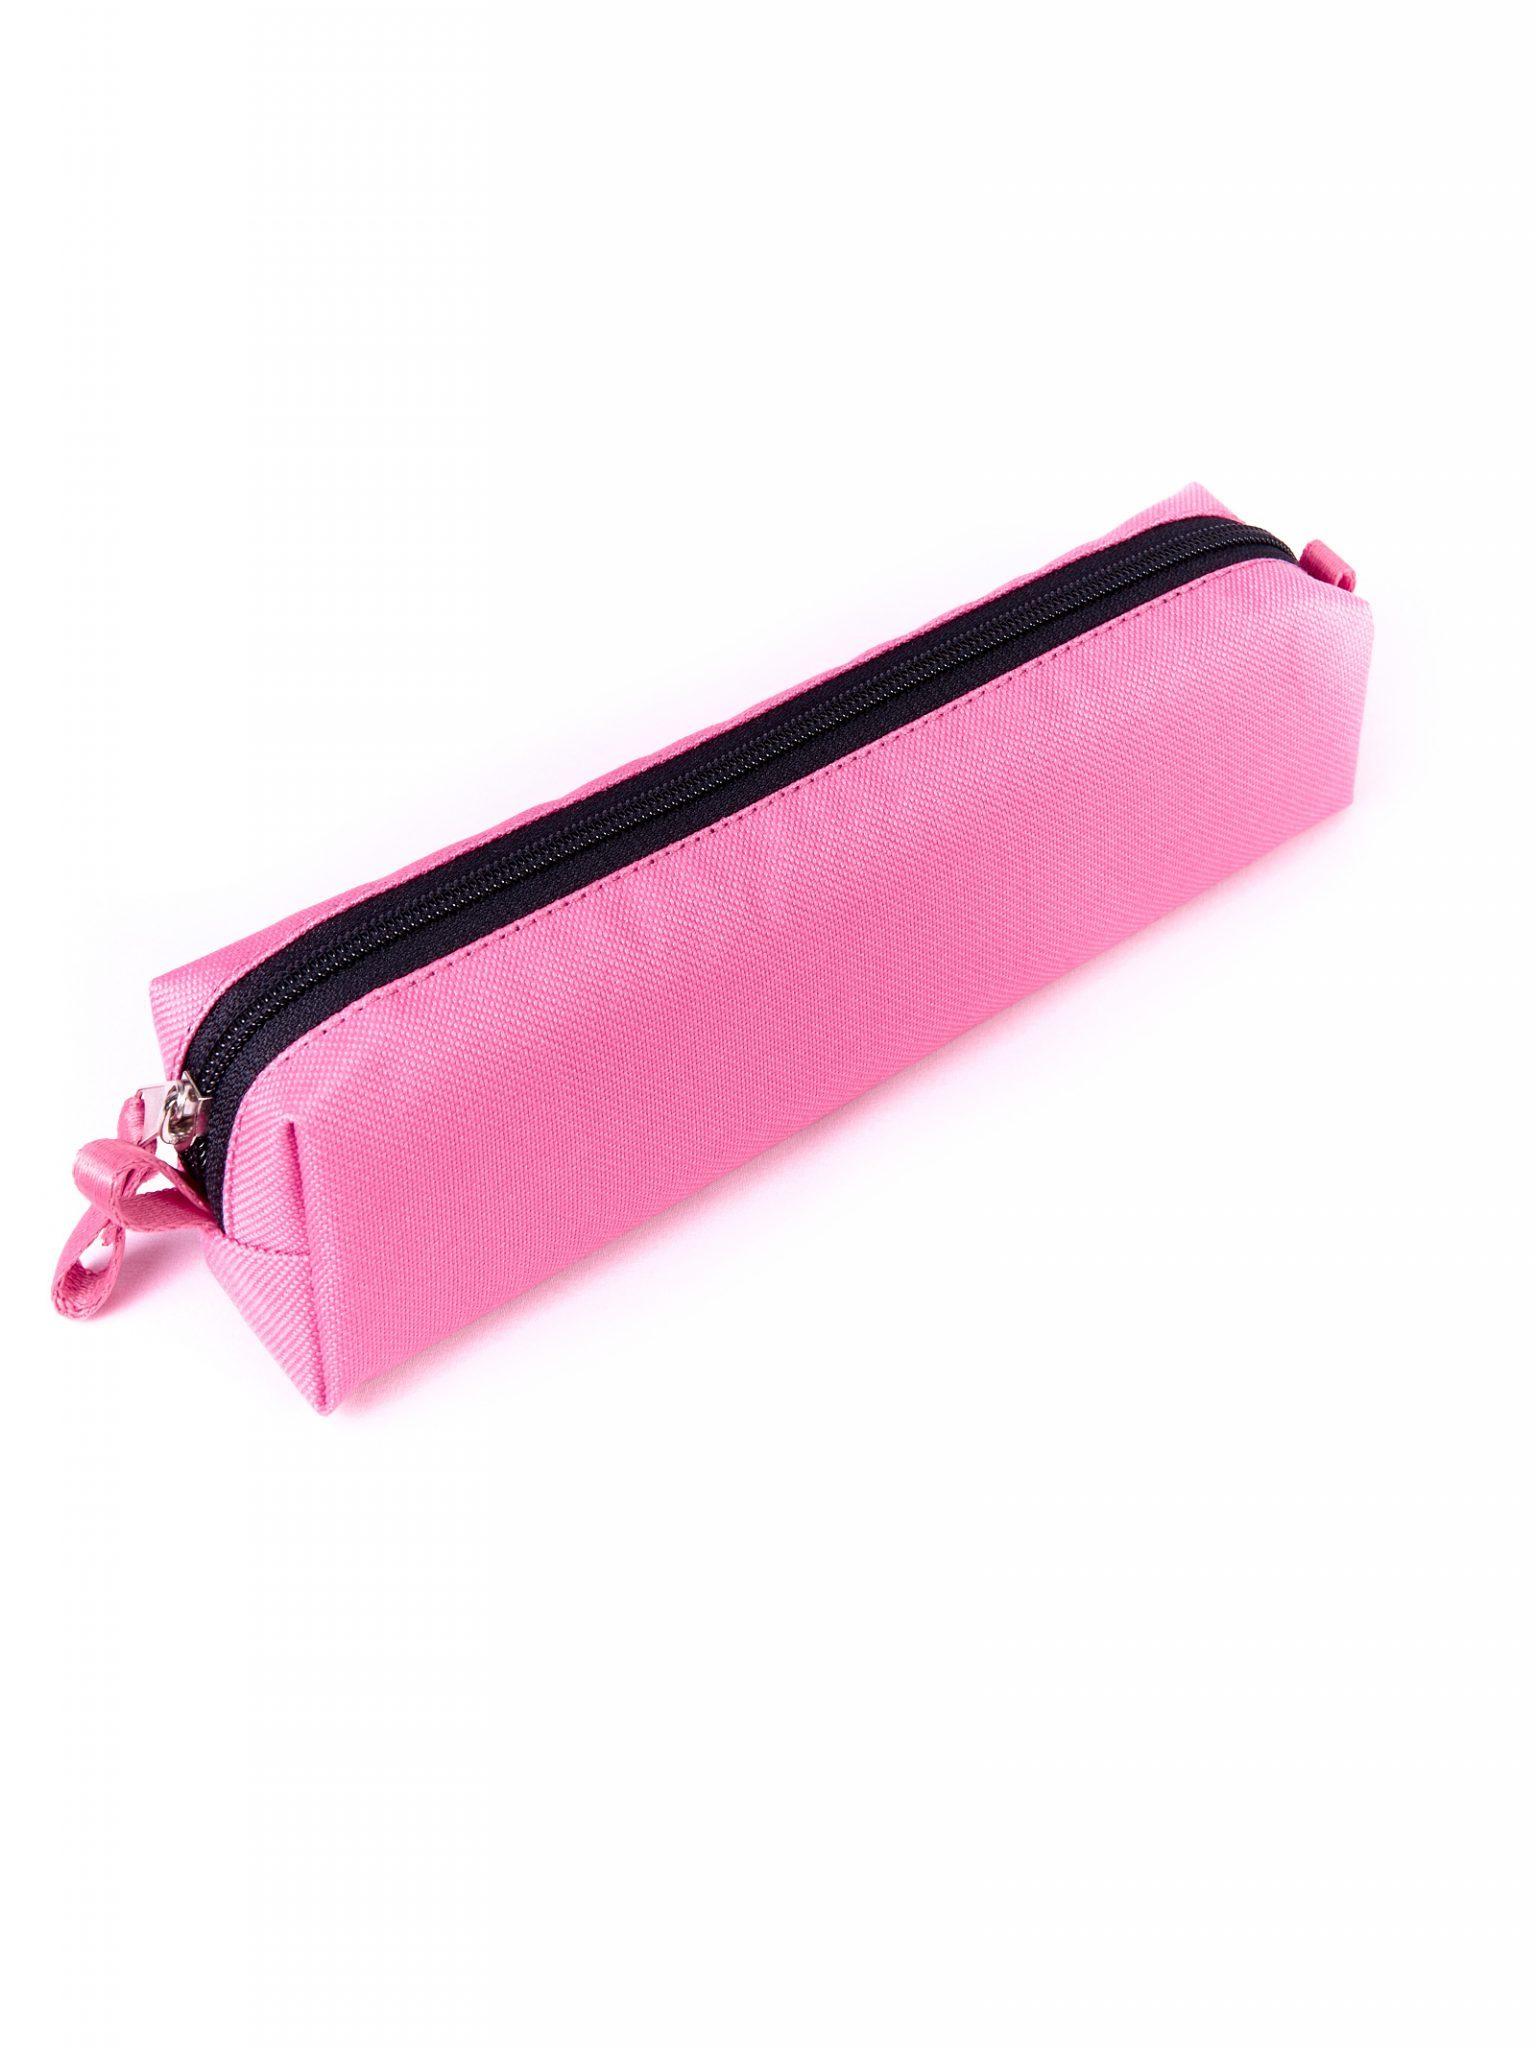 Пенал модель: Rondo цвет: розовый